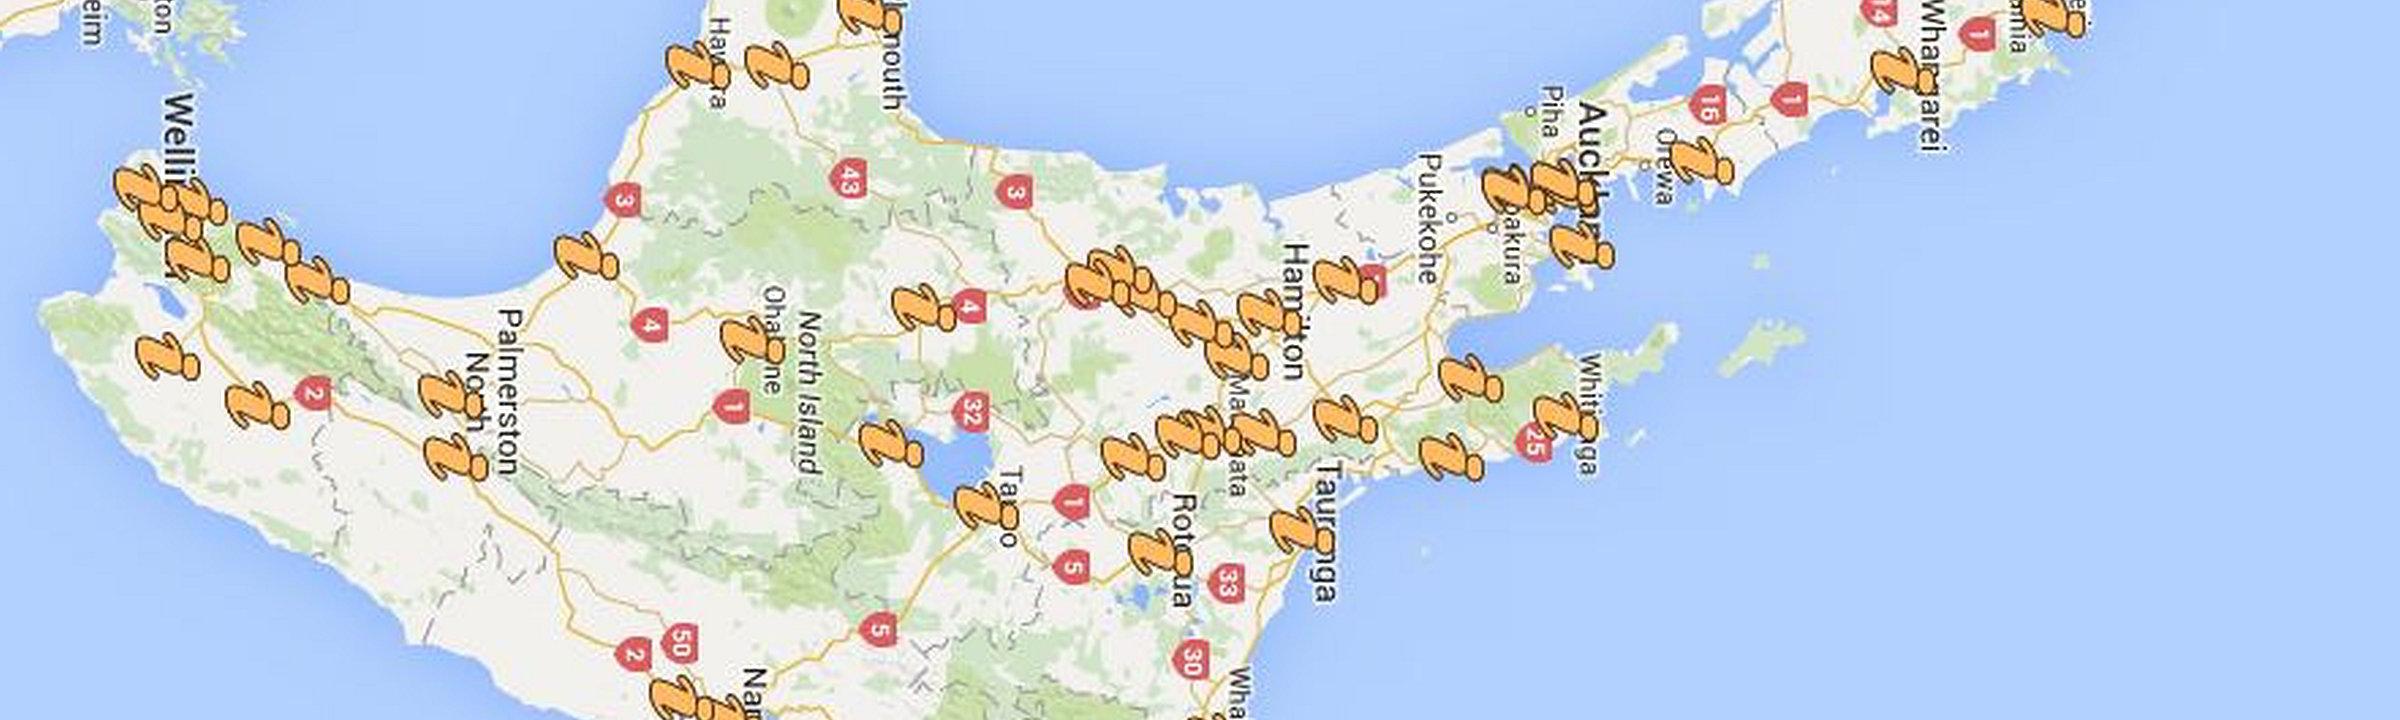 Übersicht über die iSites auf der Nordinsel Neuseelands